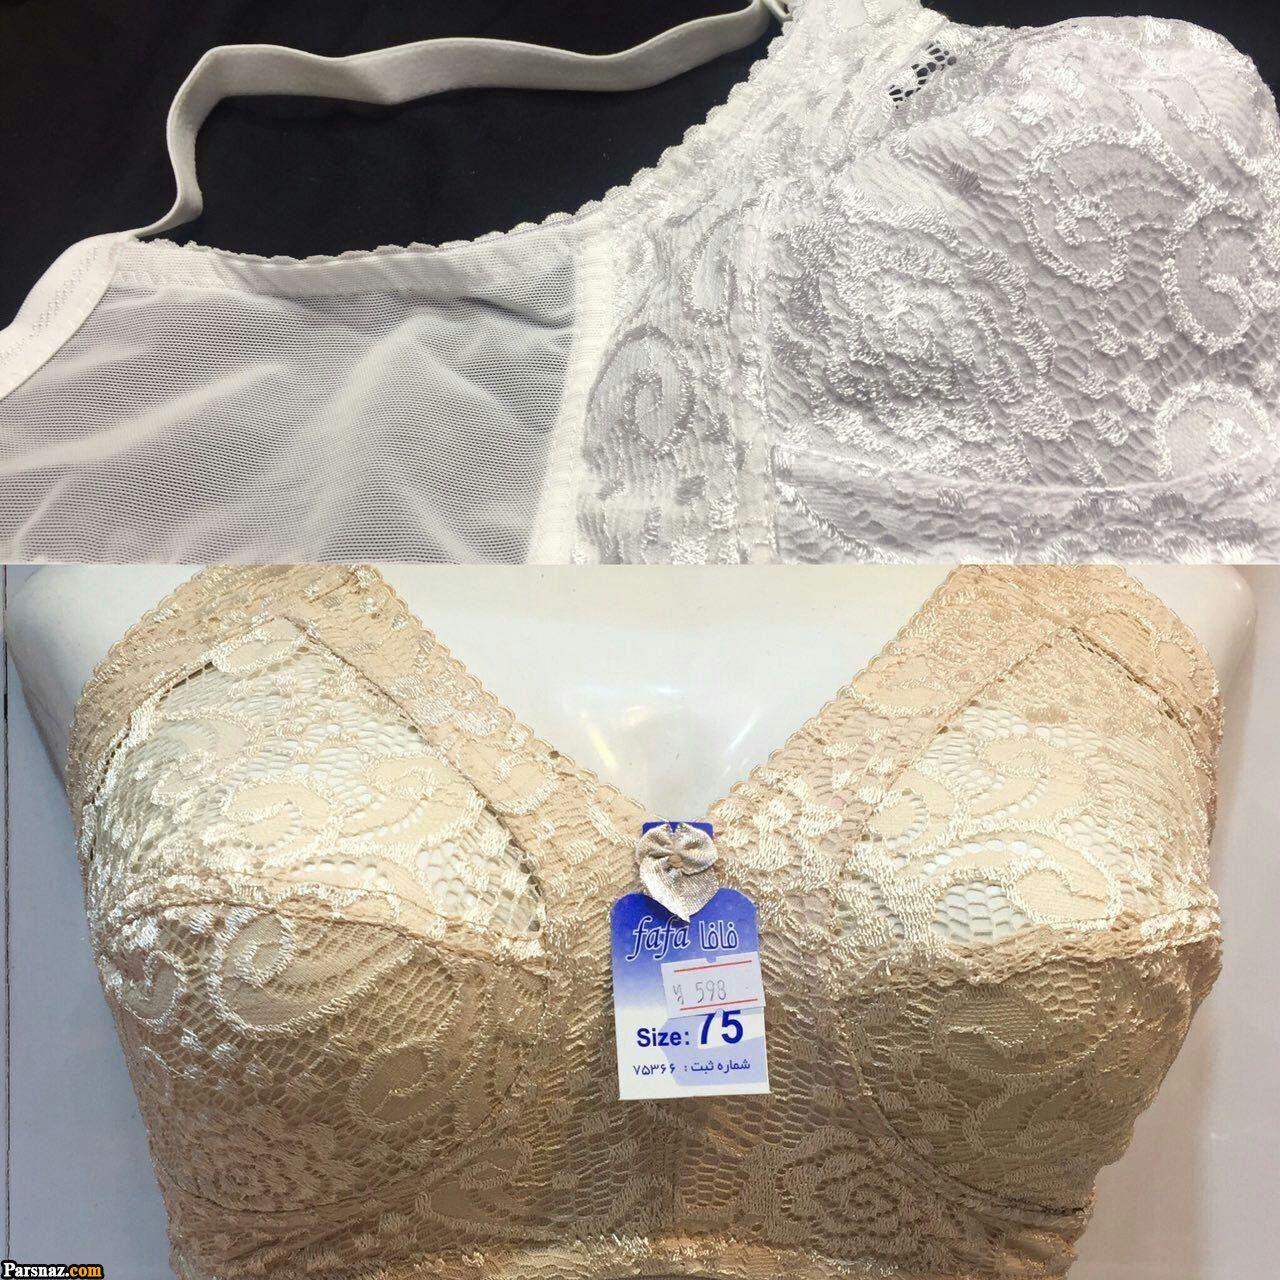 لباس زیر زنانه 2019 (مدل های سوتین و شورت زنانه و دخترانه شیک)